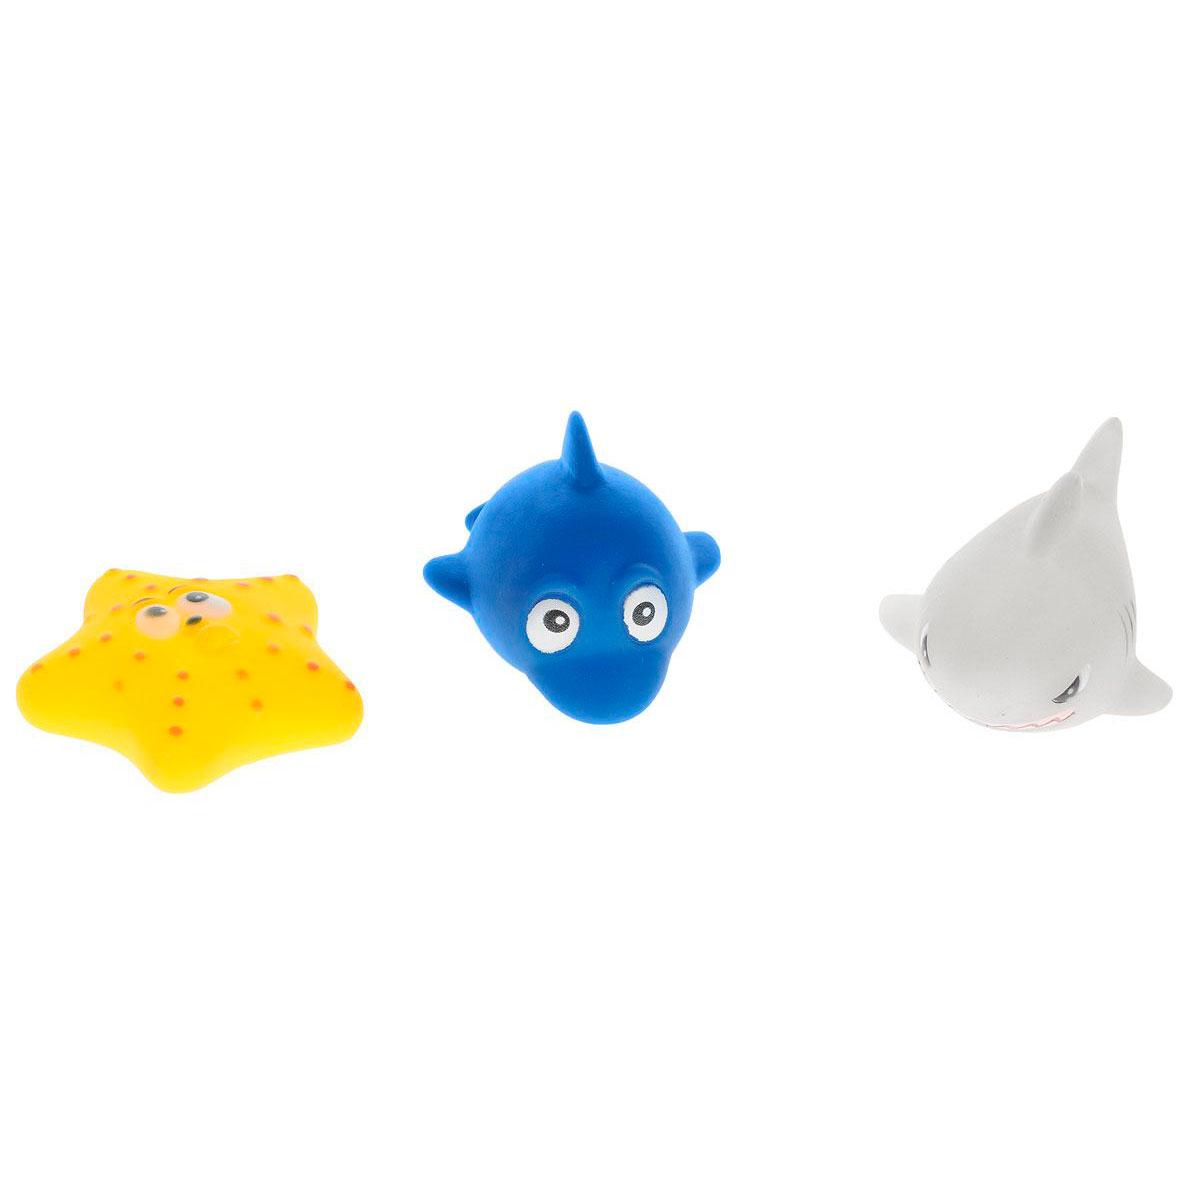 ABtoys Веселое купание. Набор резиновых морских обитателей для ванной, 3 предмета